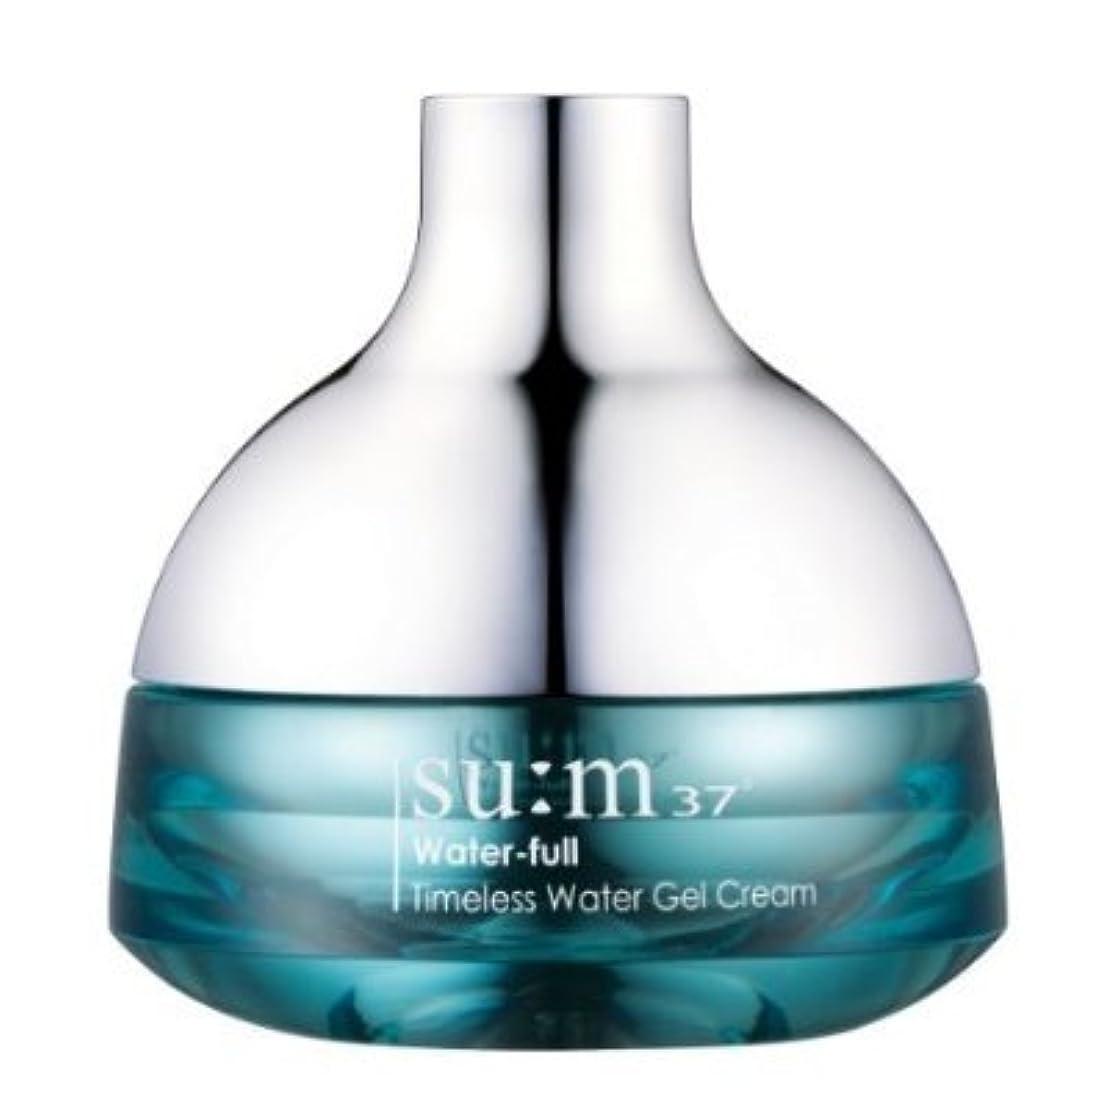 ヘルパー傑出したメーターKOREAN COSMETICS, LG Household & Health Care_ SUM37, Water Full Timeless Water Gel Cream 50ml (Moisturizing, refreshing...